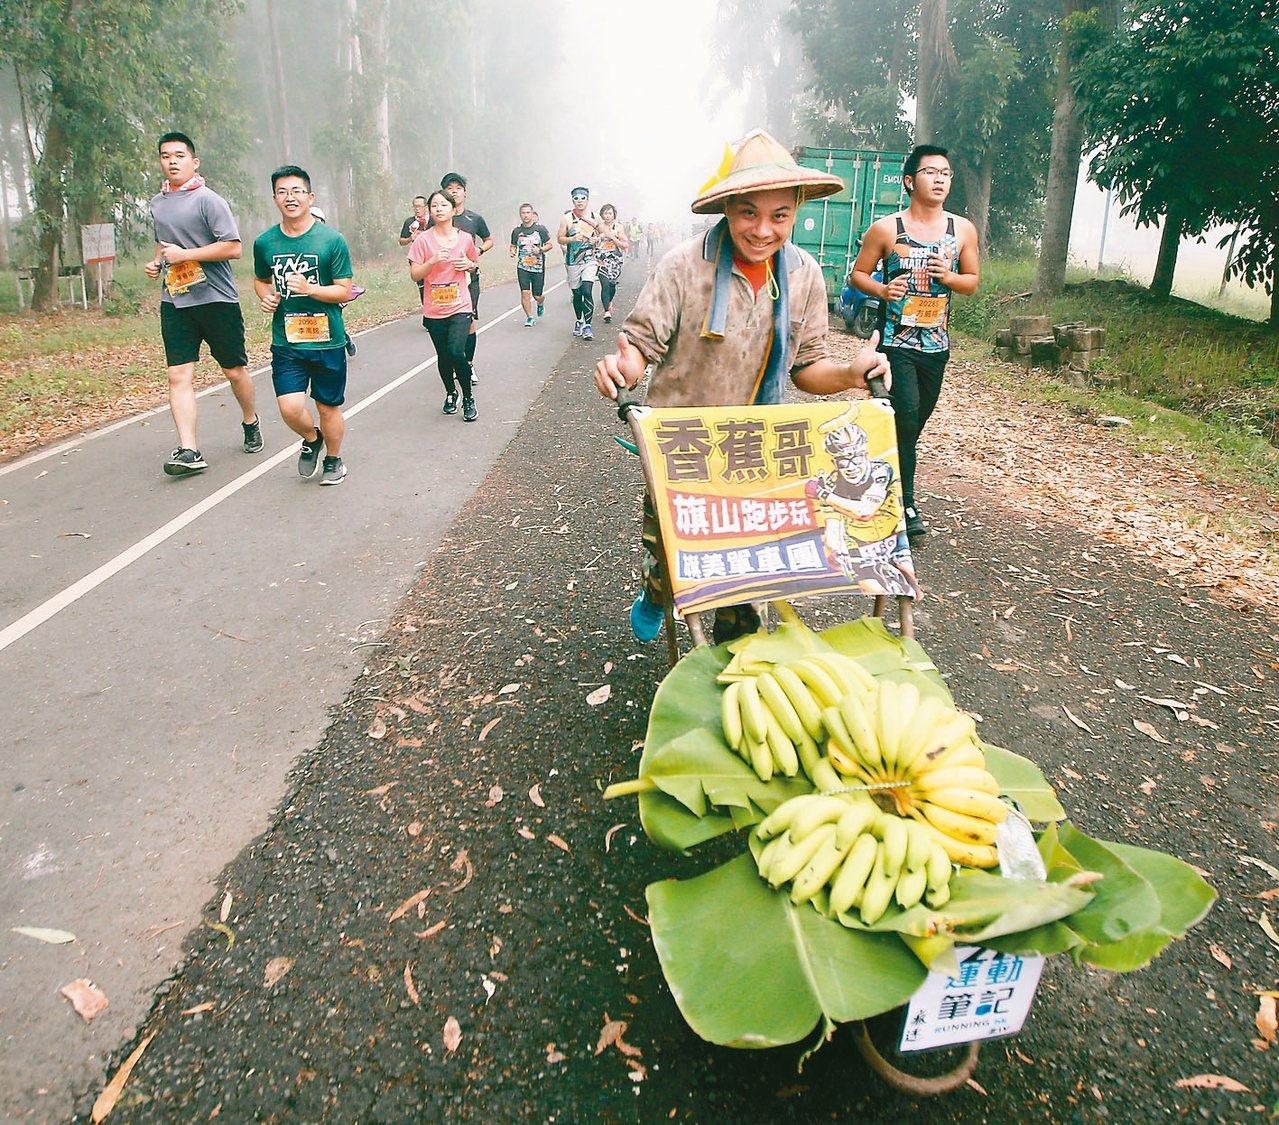 旗山香蕉馬拉松今晨開跑,有人扮香蕉,也有跑者推著香蕉車跑。 記者劉學聖/攝影